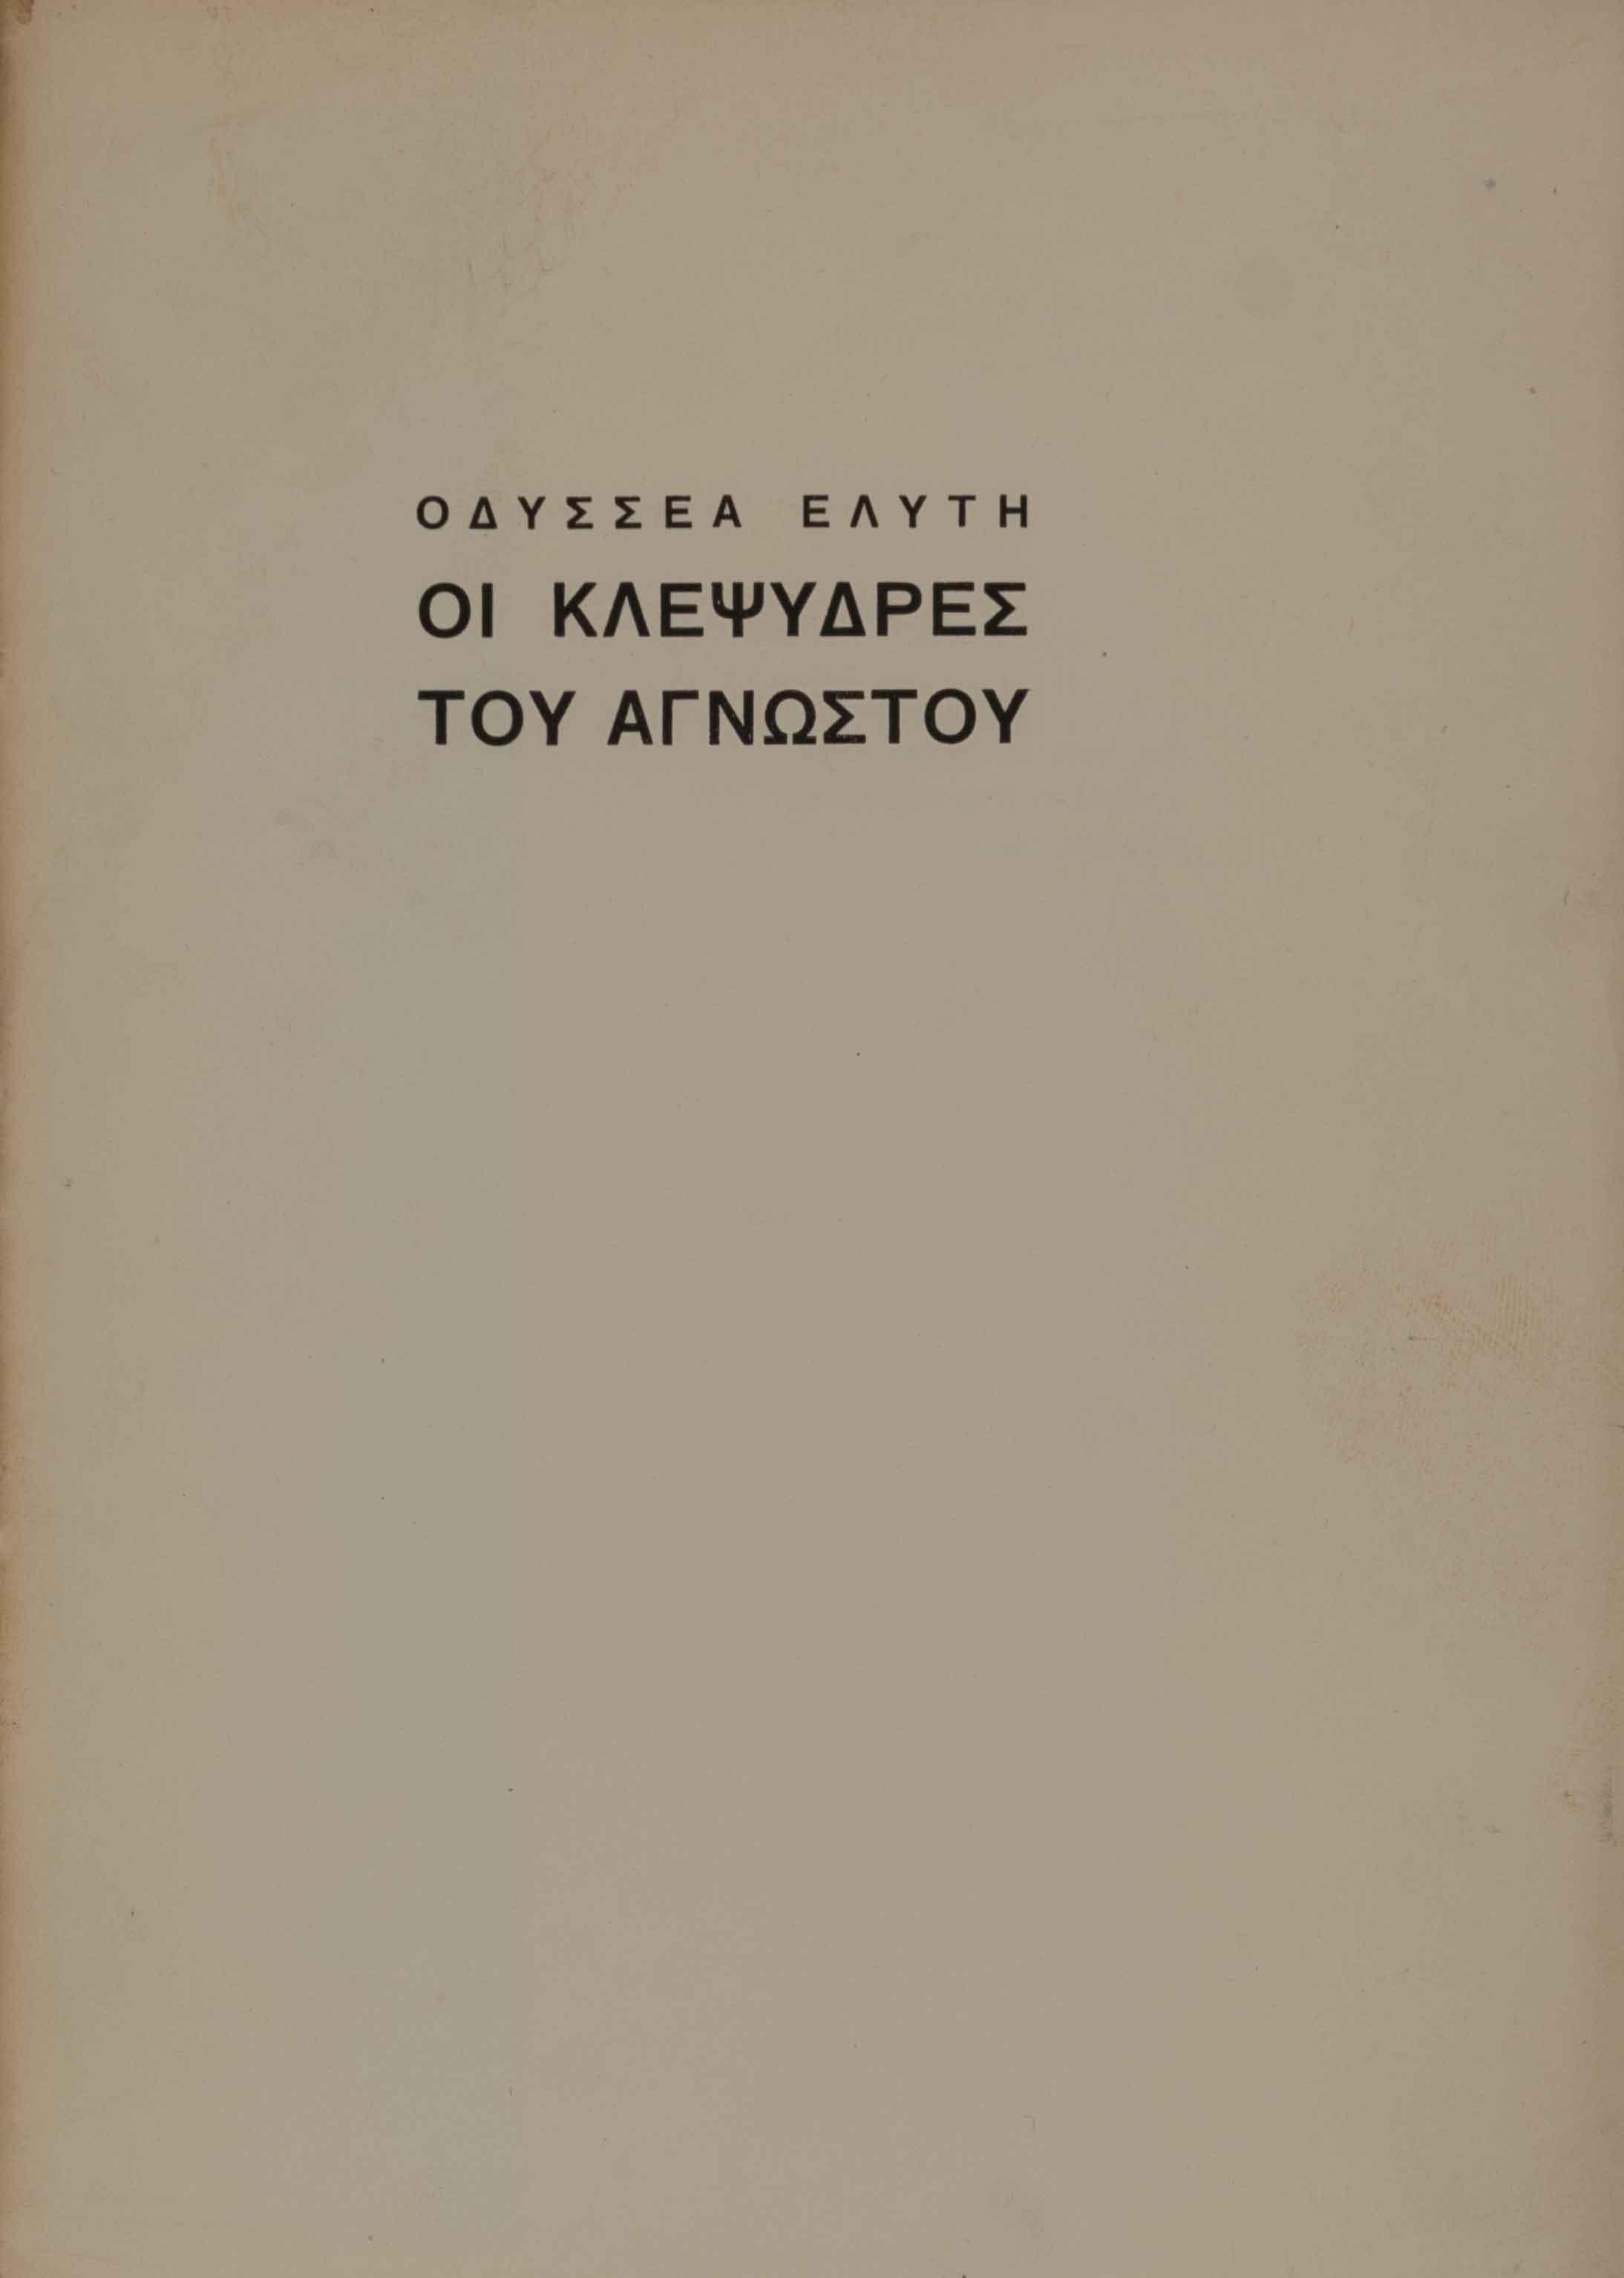 ΕΛΥΤΗΣ, Οδυσσέας.